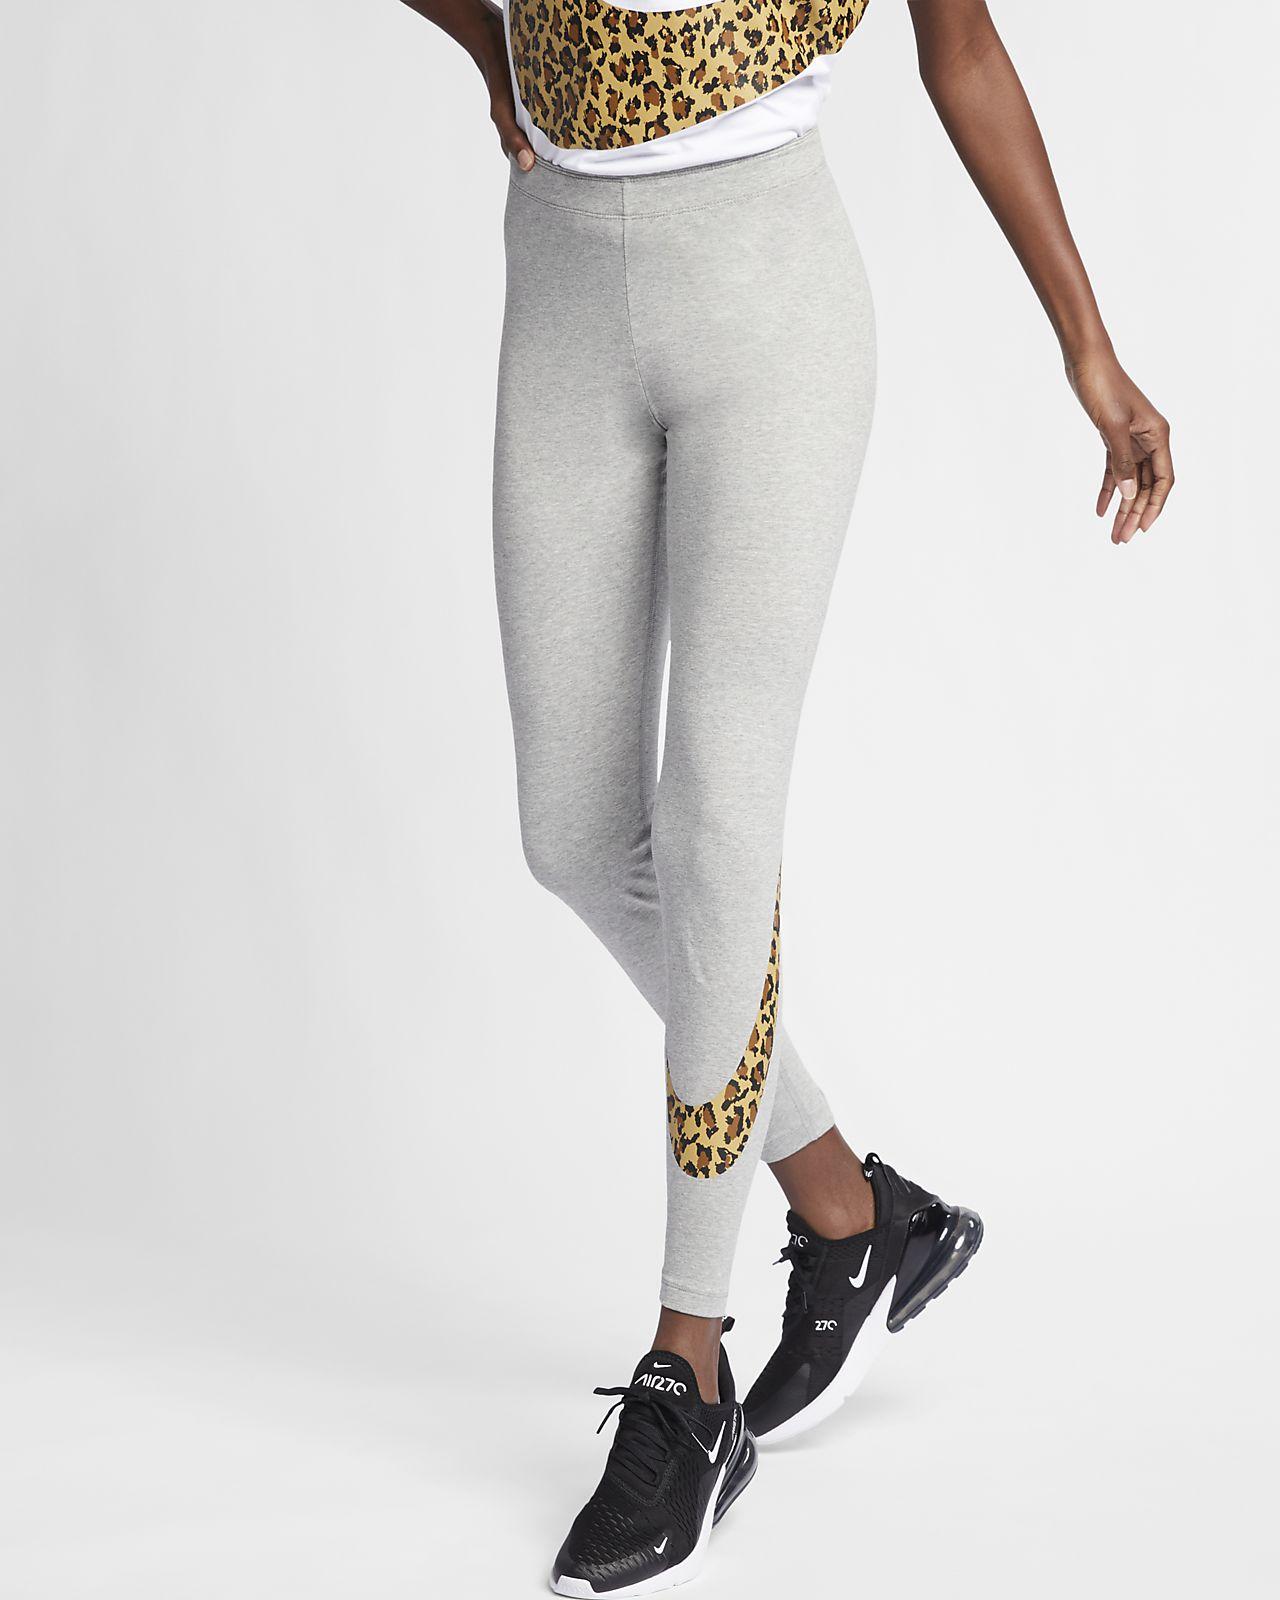 Nike Sportswear Women's Animal Leggings